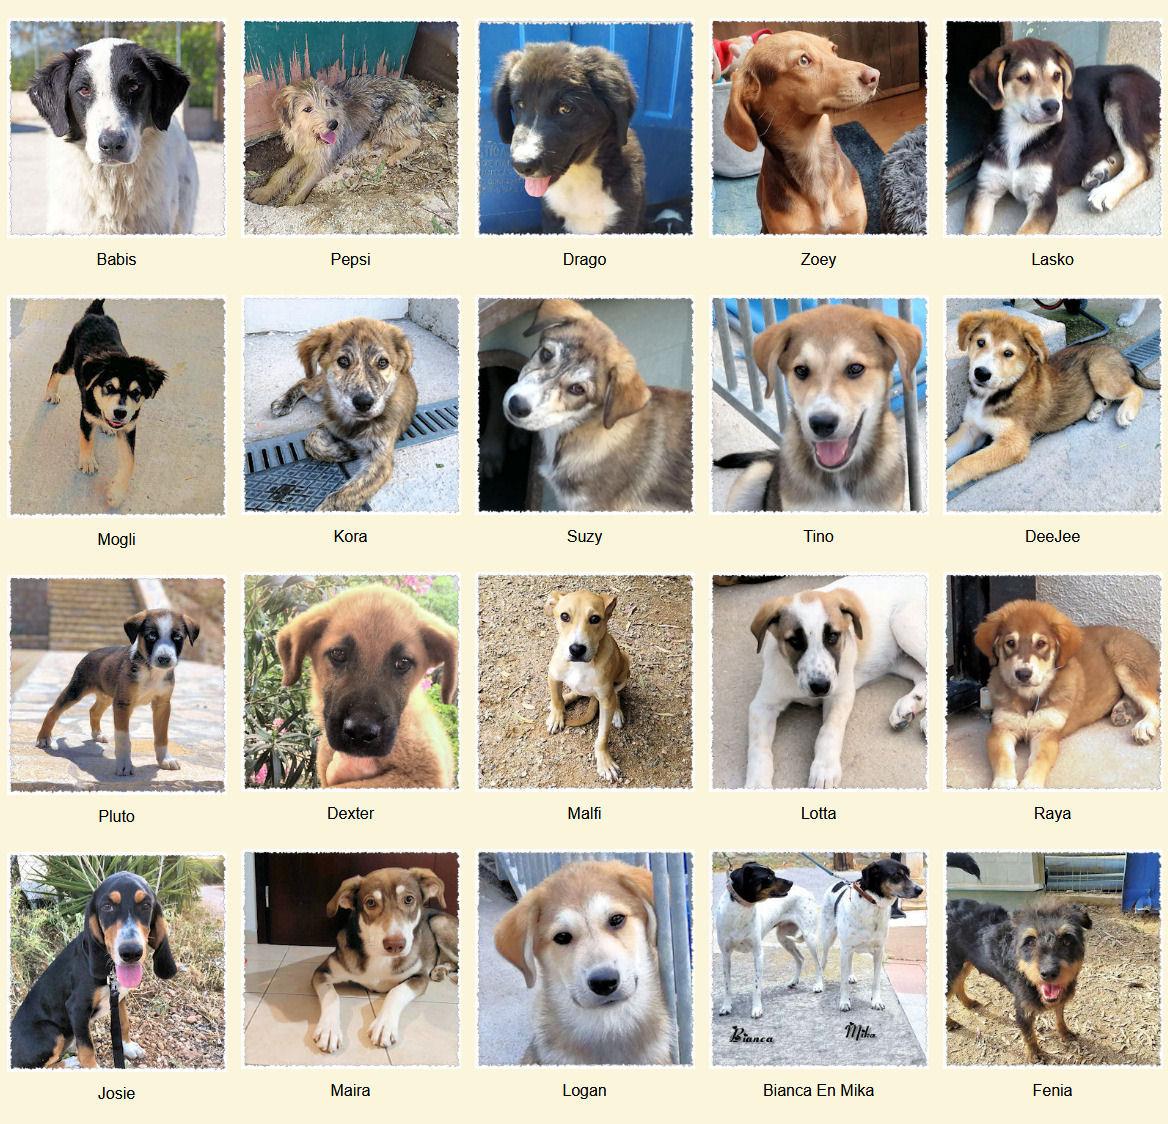 Geadopteerde honden 08 2020 Dog Rescue Greece